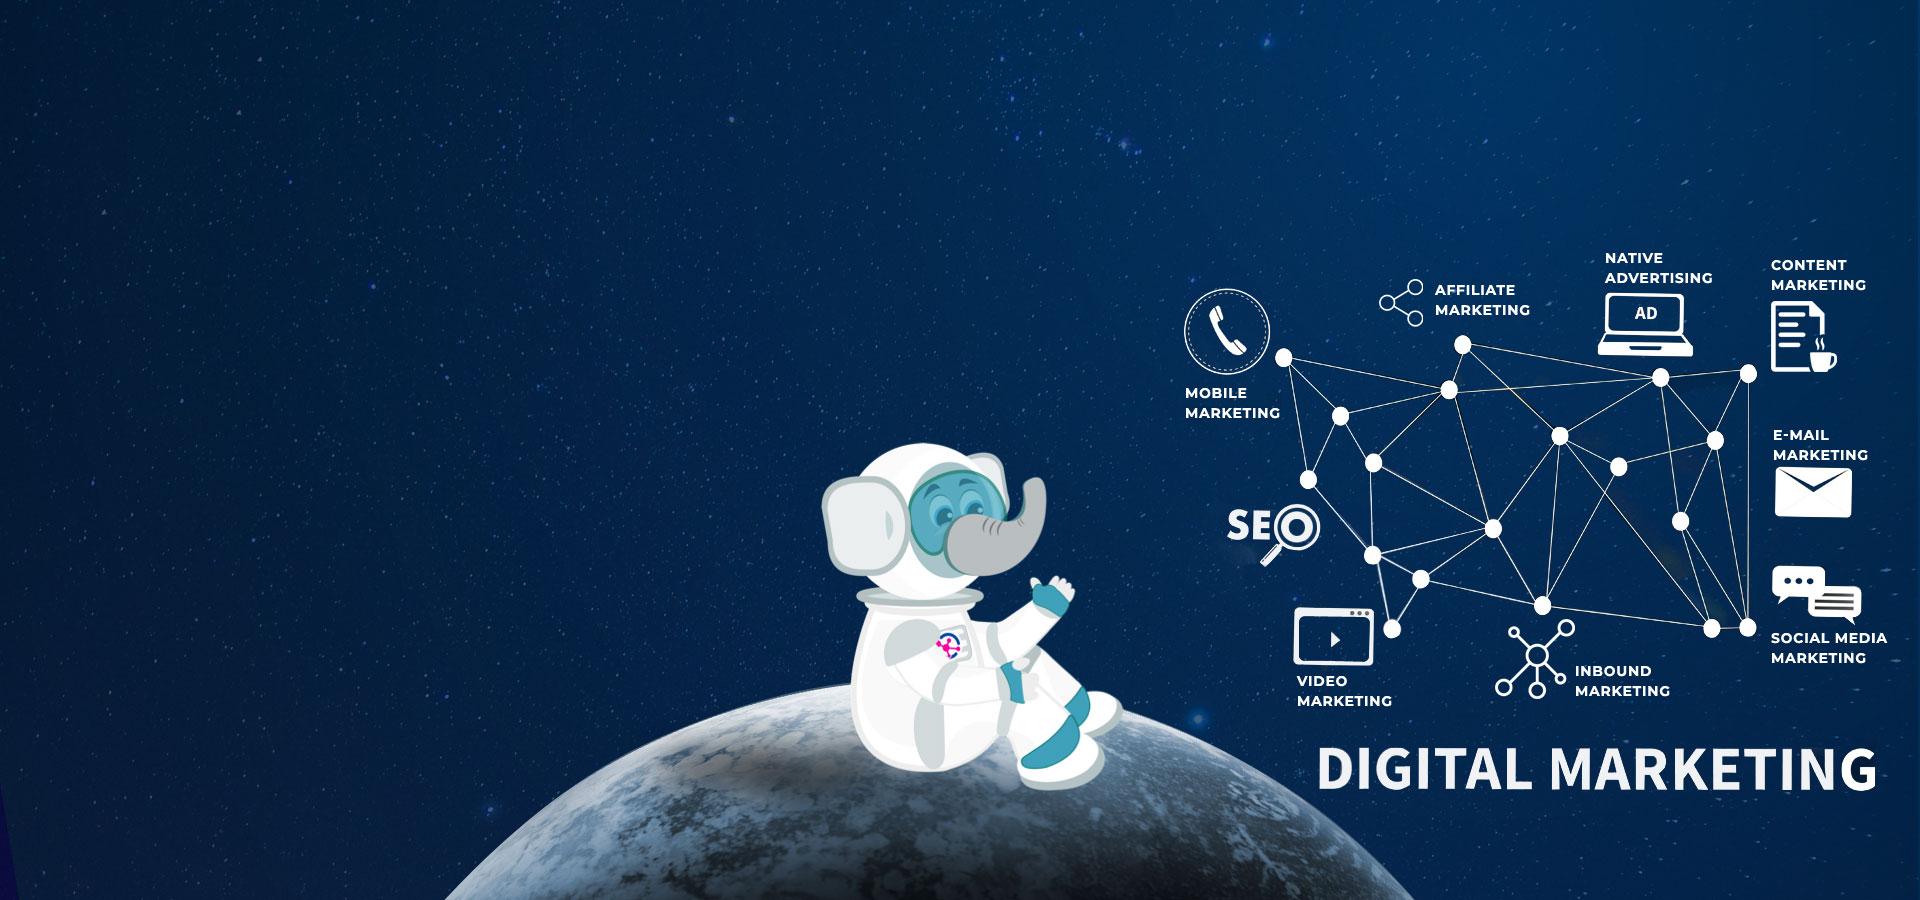 B2B Digital Marketing Banner